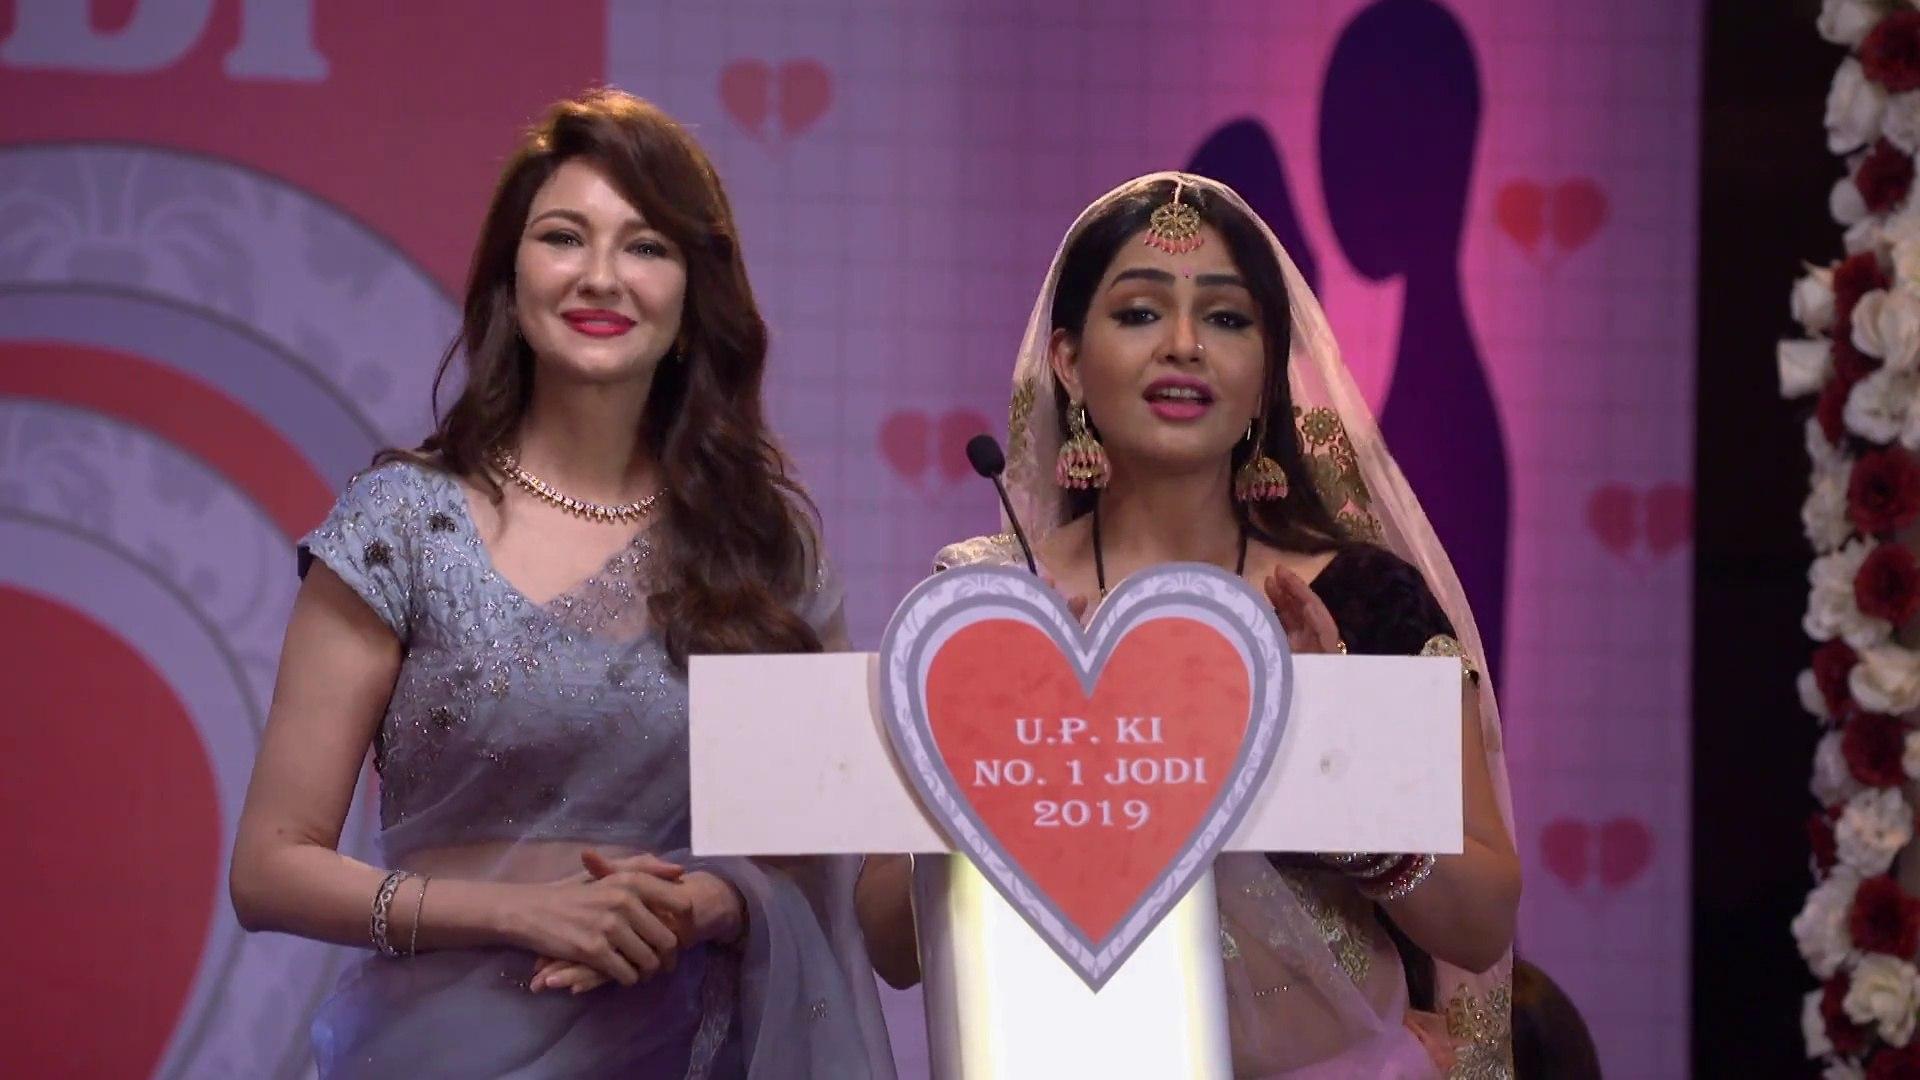 Bhabi Ji Ghar Par Hai   The trio's dreams shatter   Watch & Download Free Tv Shows   Allsa